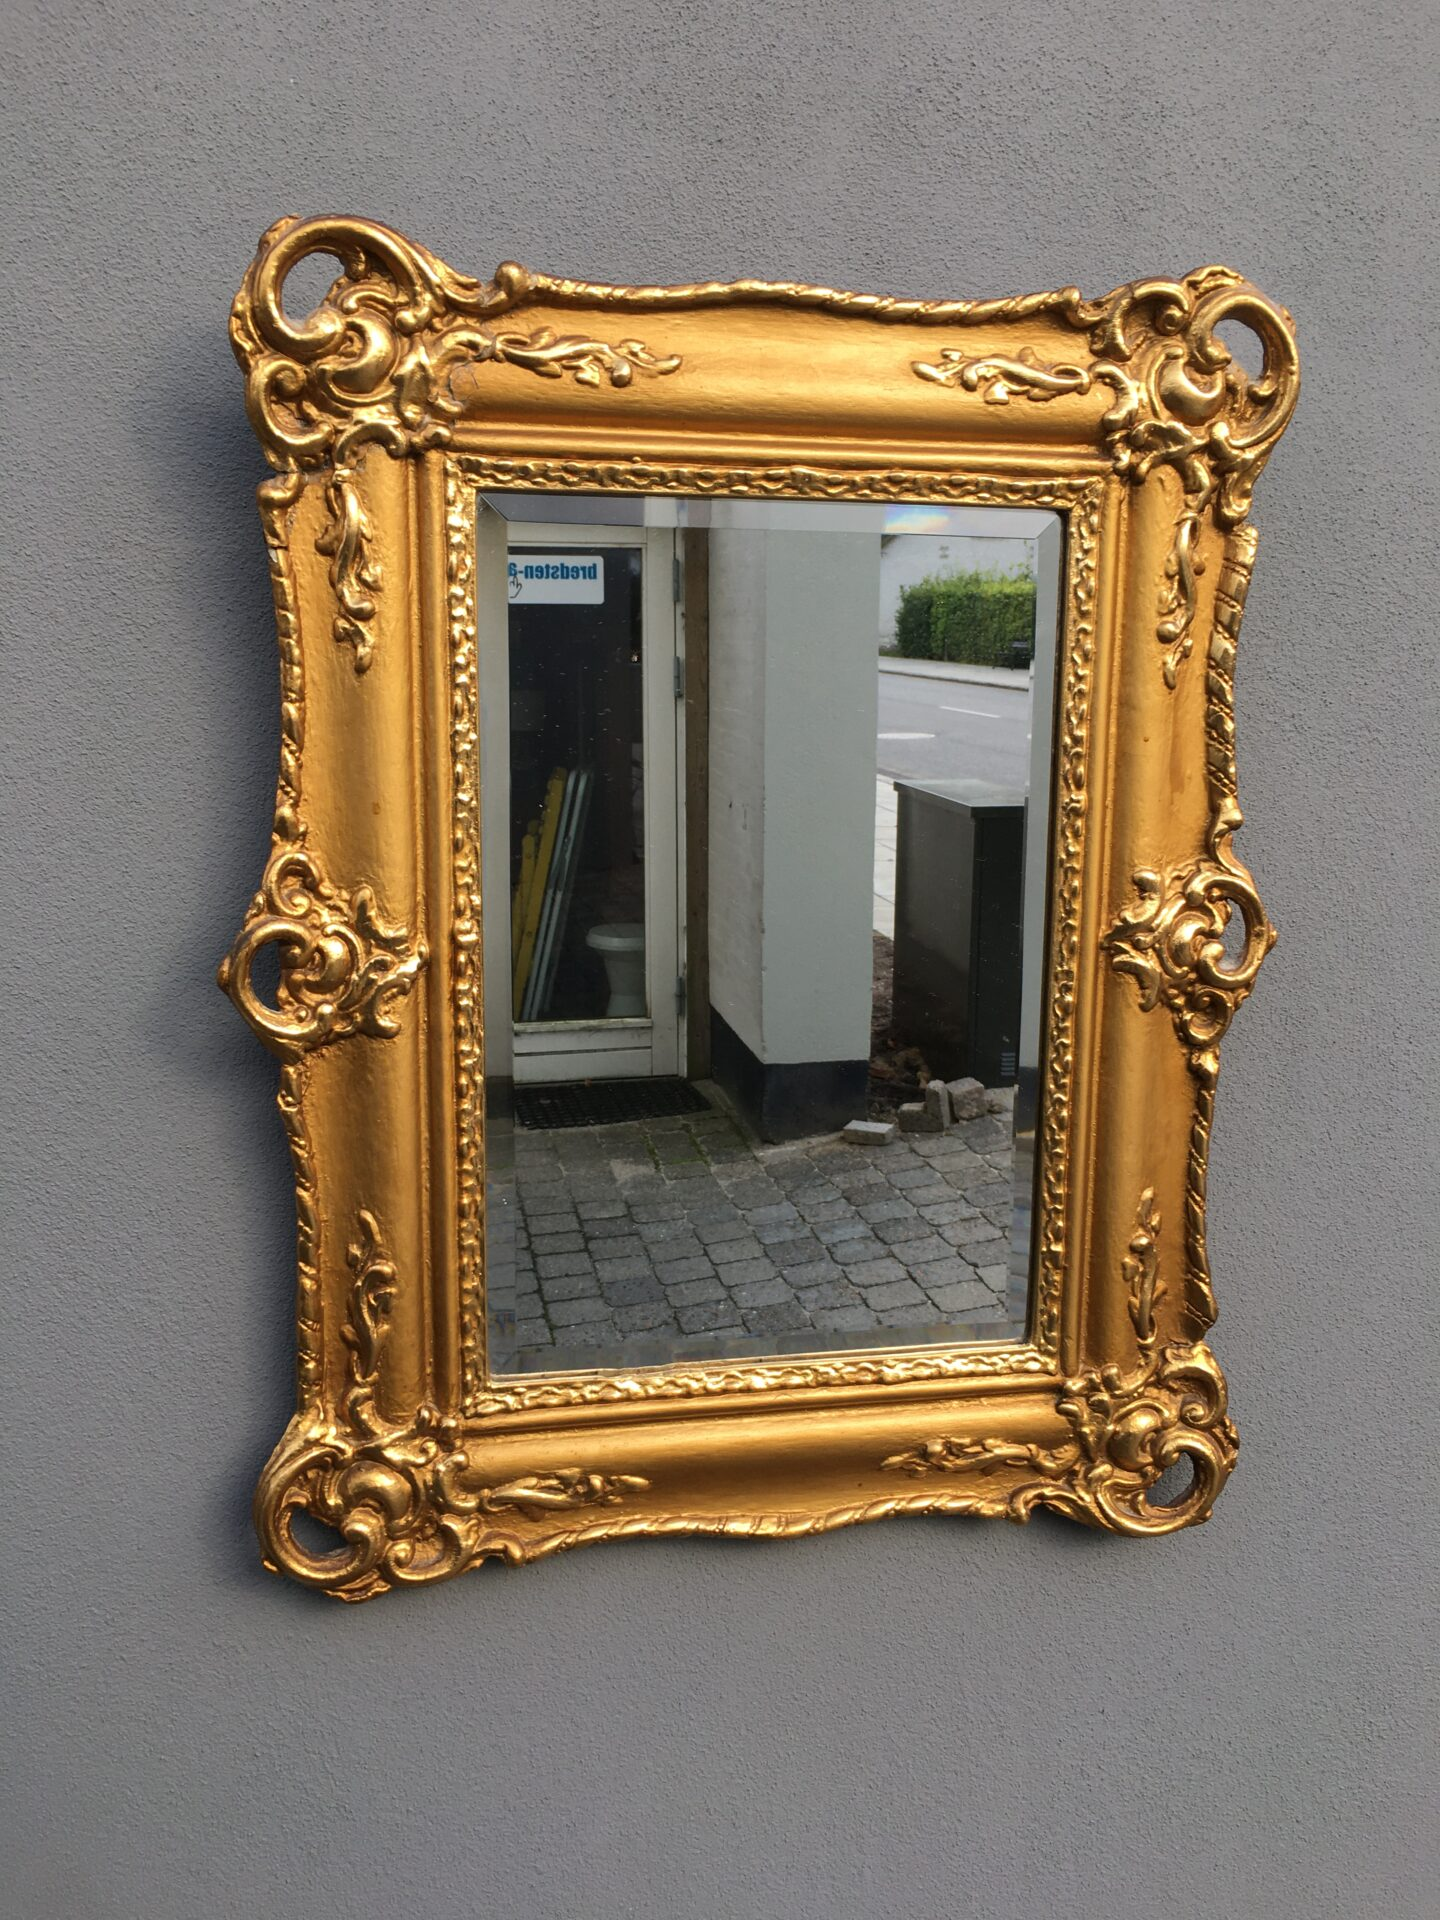 Antikt spejl i forgyldt Damborg-ramme, h=67 cm, b=50 cm, pris 500kr